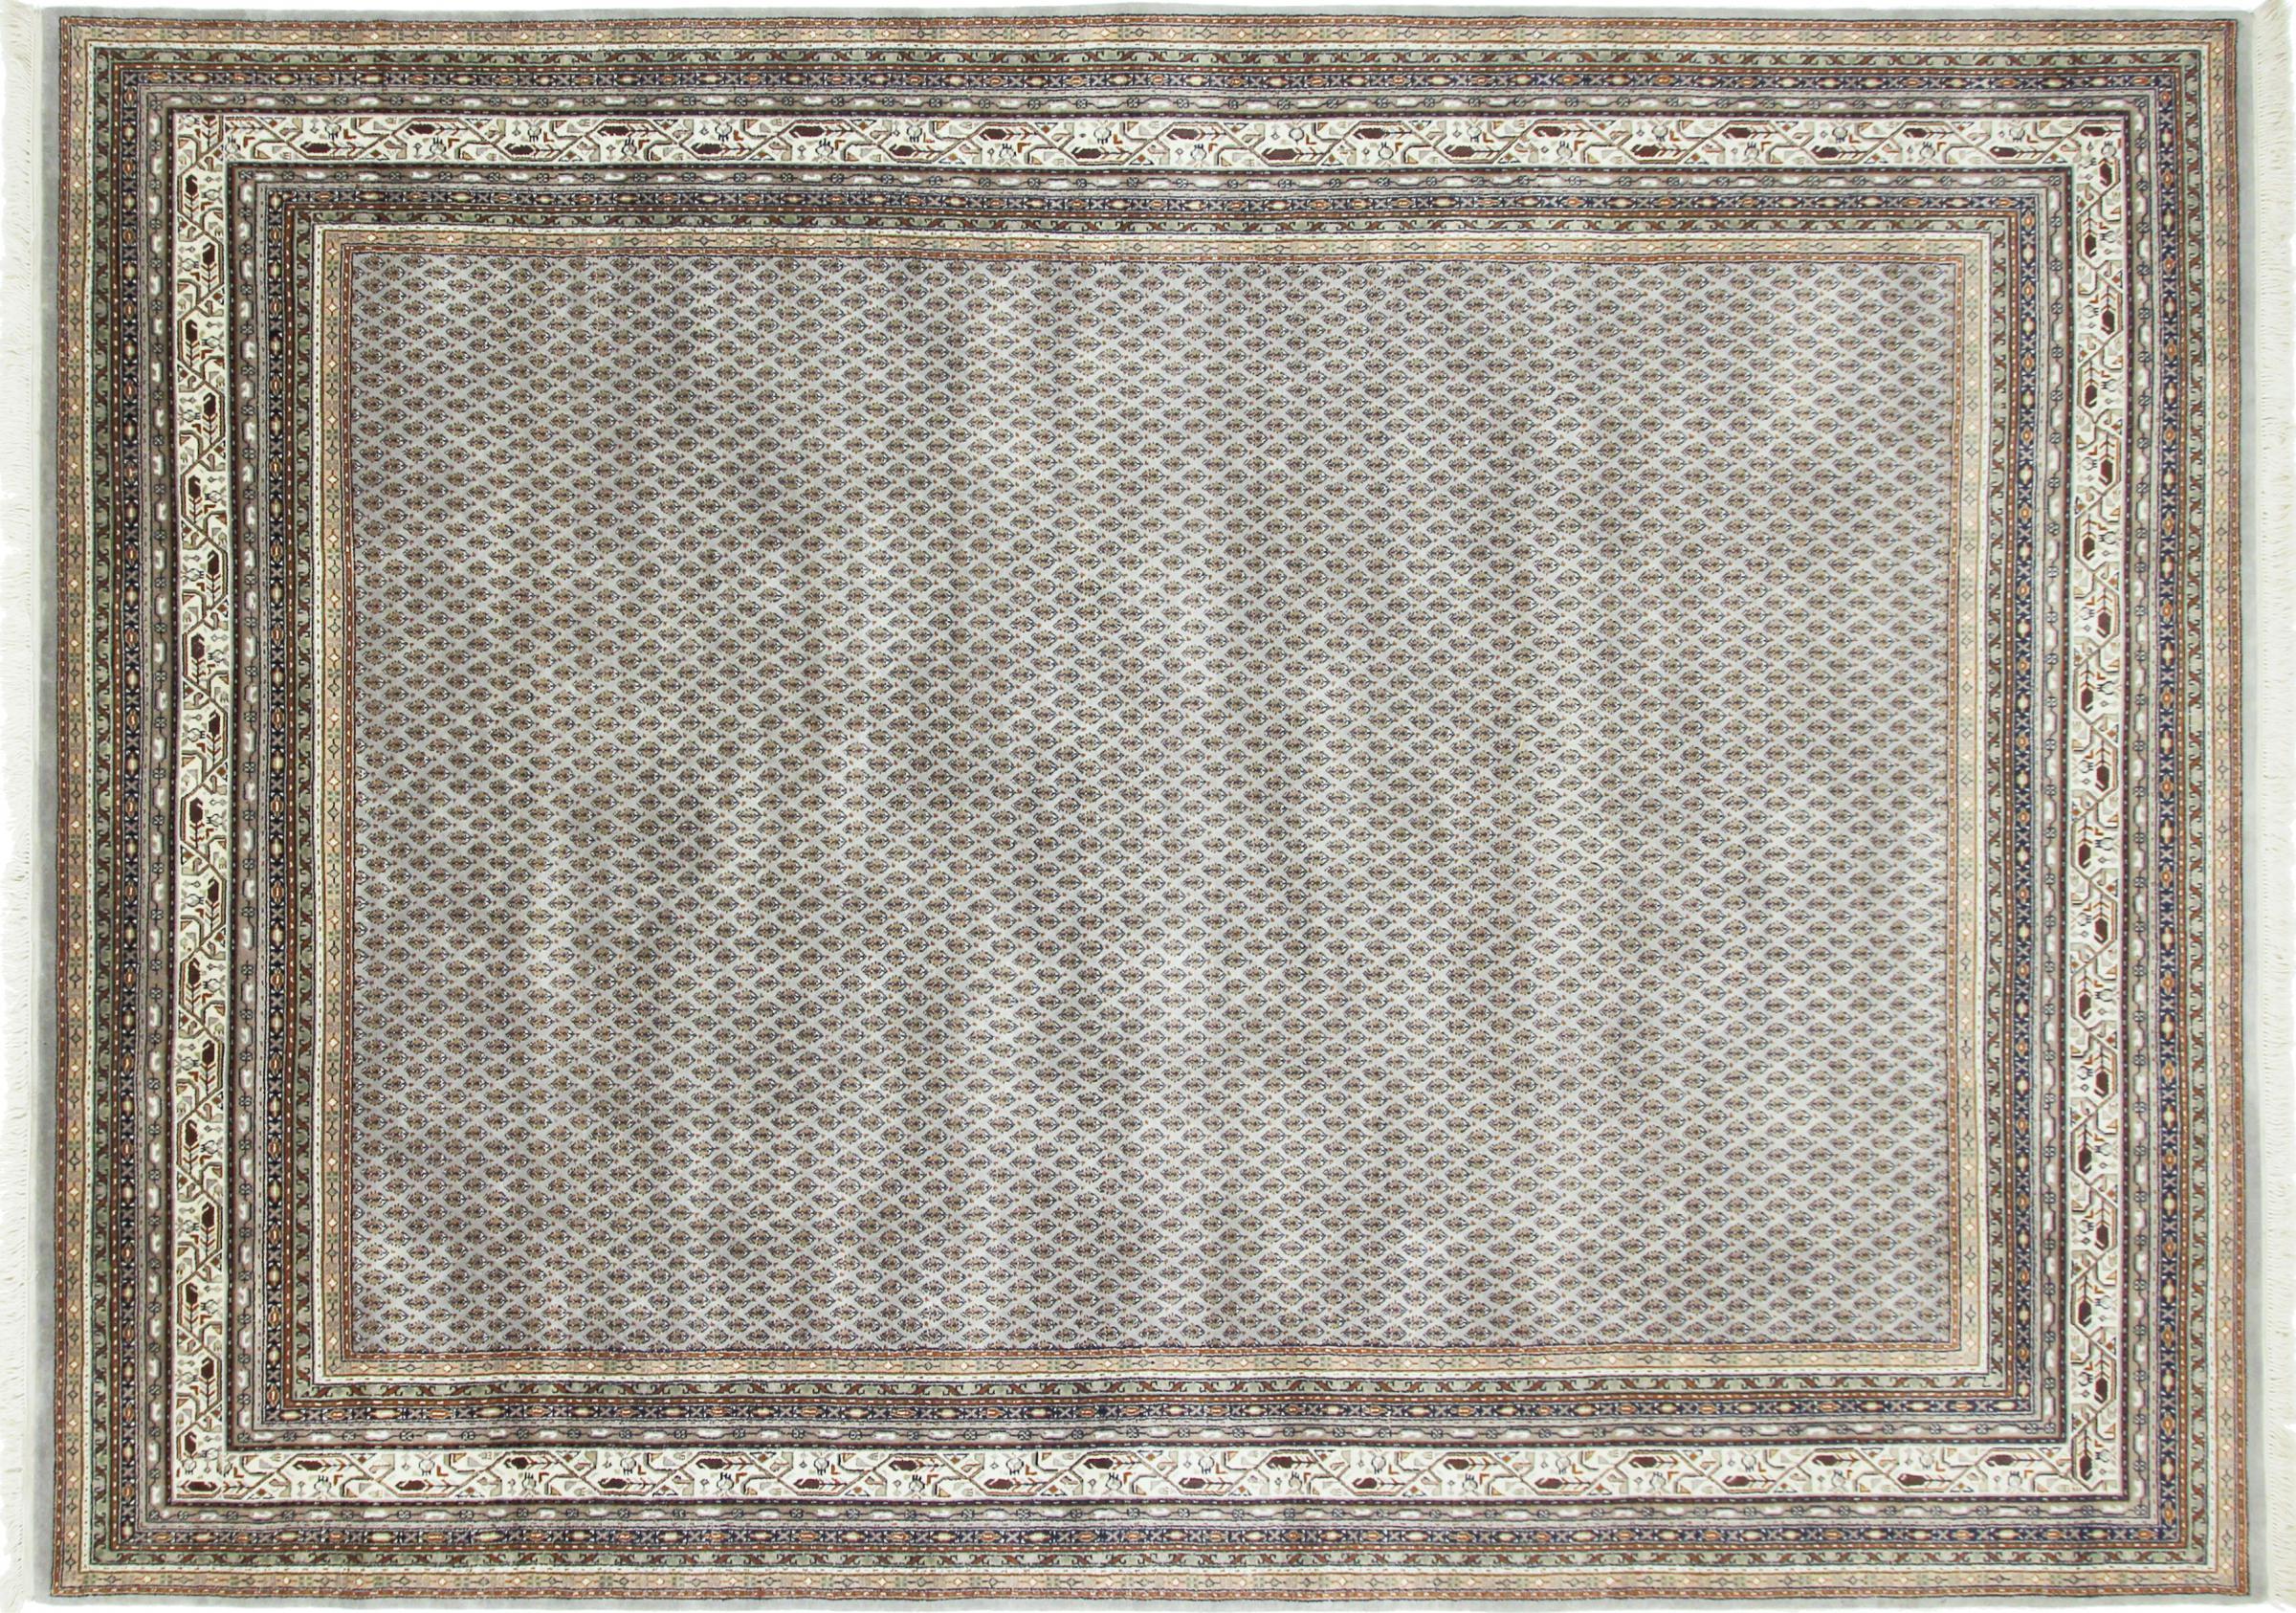 indo sarough mir indischer teppich 351x251 id56152 kaufen sie ihren orientteppich indo sarough. Black Bedroom Furniture Sets. Home Design Ideas